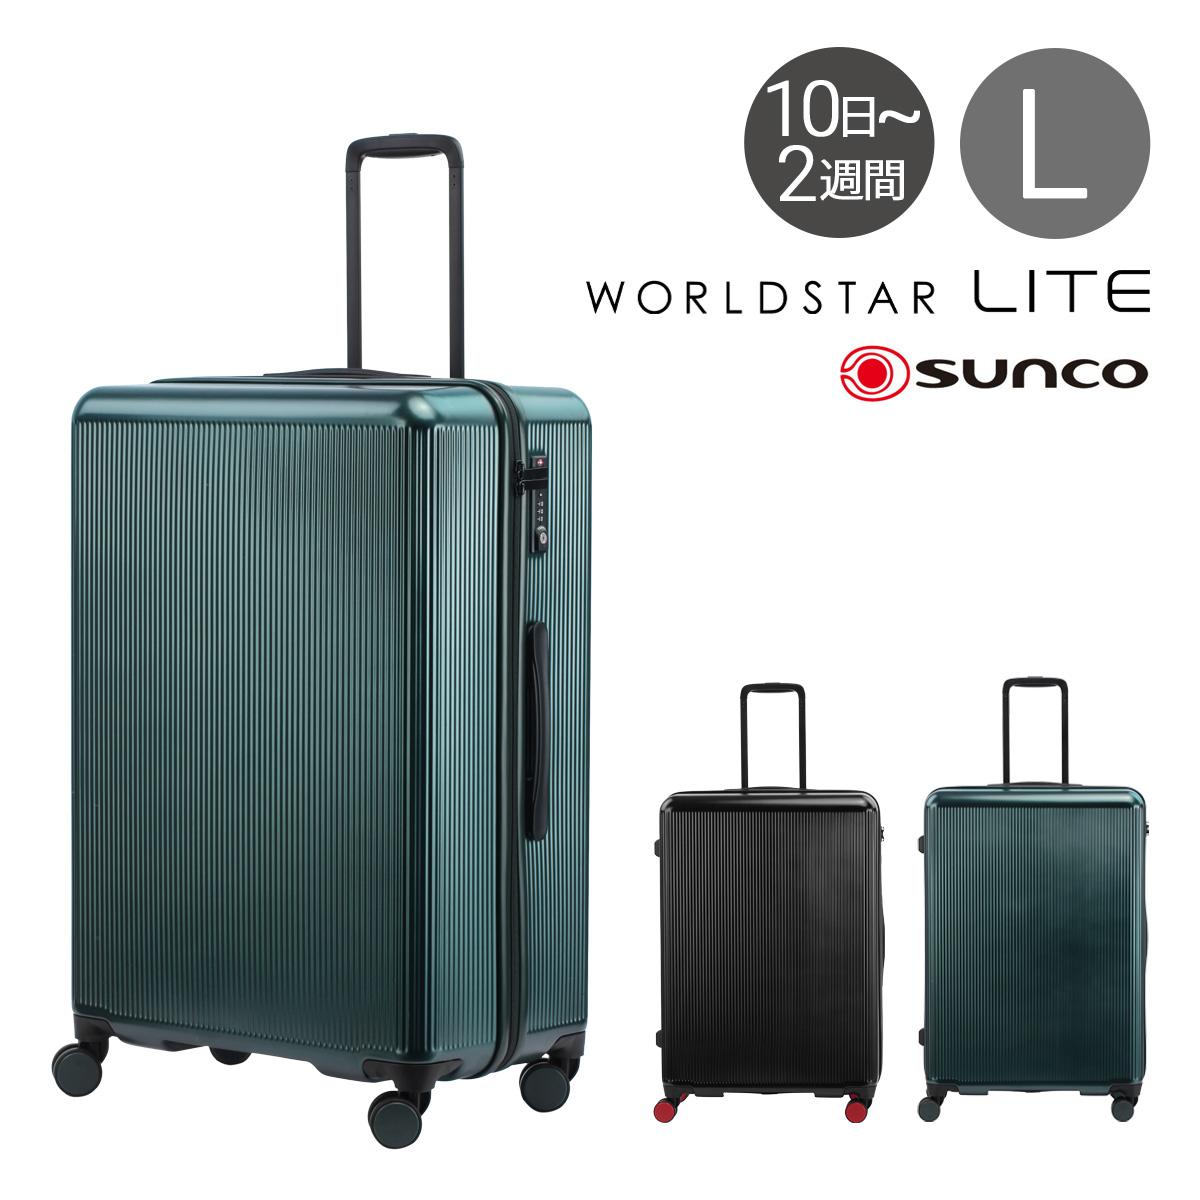 サンコー スーツケース 84L 68cm 4.3kg ワールドスターライト WSLZ-68 SUNCO WORLDSTAR LITE|ハード ファスナー キャリーバッグ キャリーケース TSAロック搭載[PO10][即日発送]